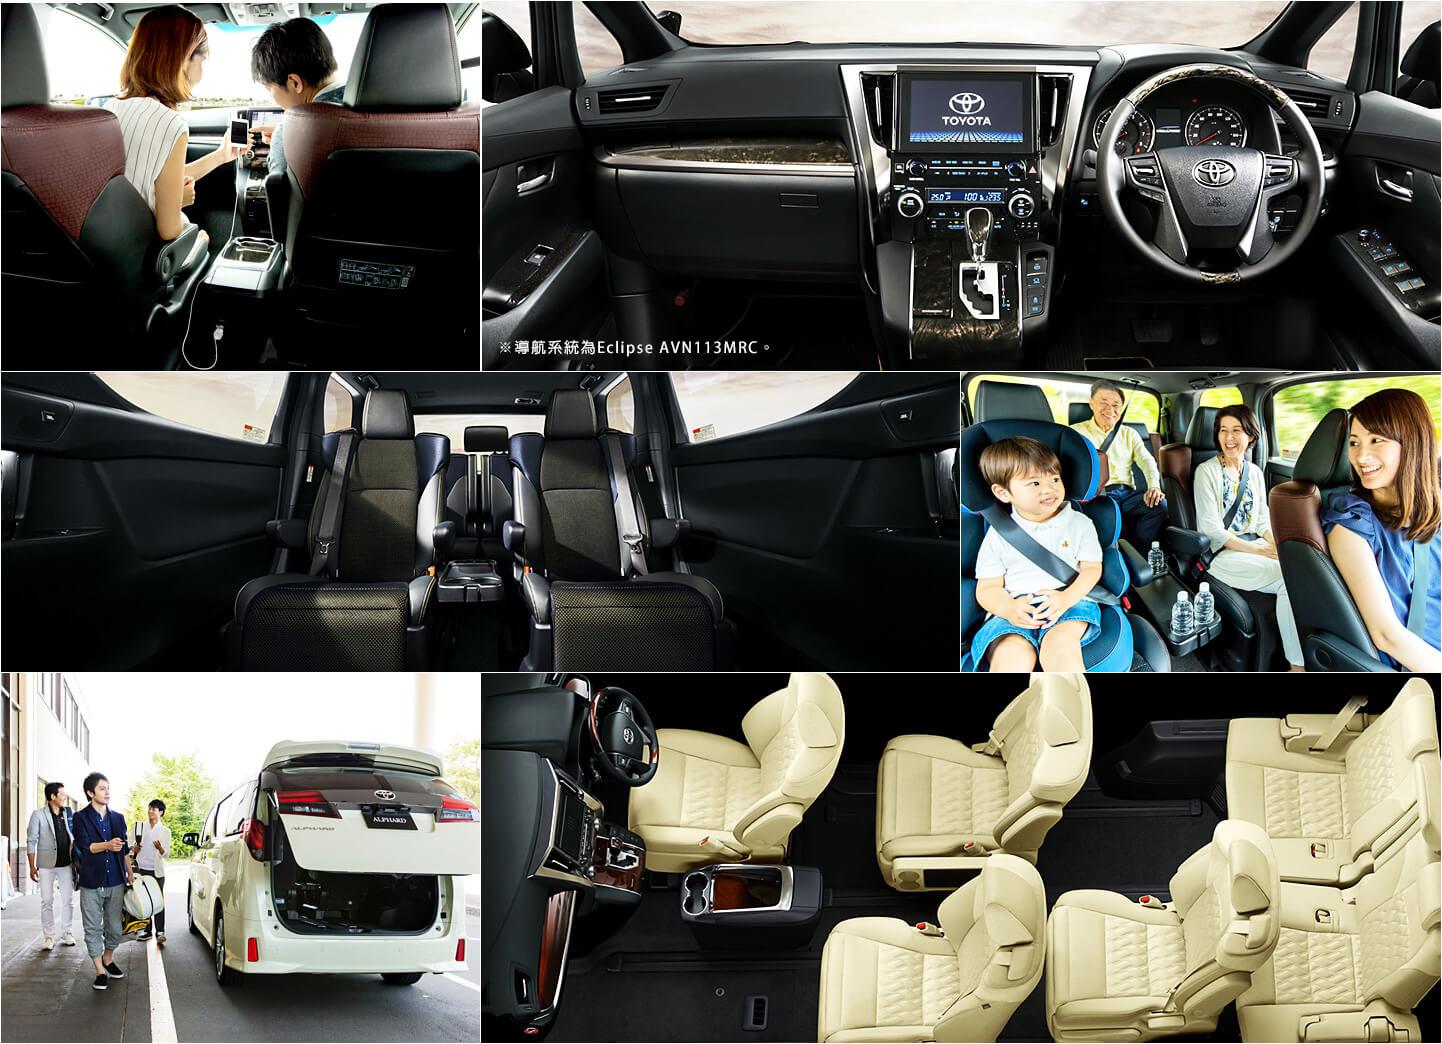 新型高級車輛的樣式,使乘車者愉快的空間